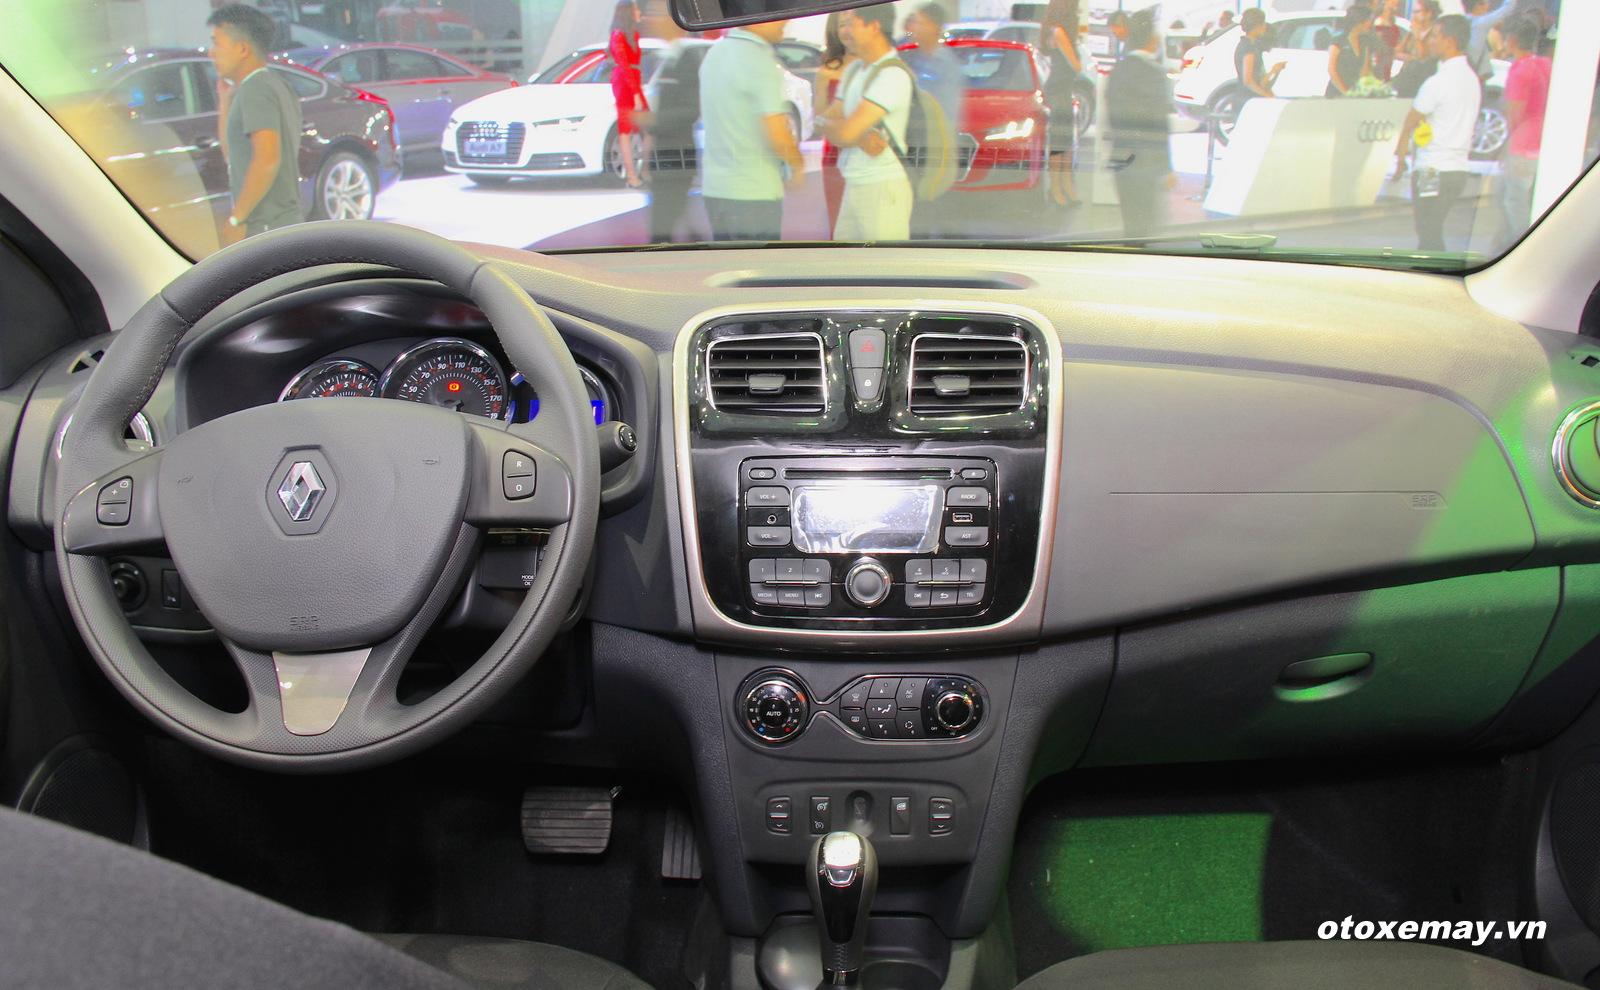 VIMS 2015 - Thêm xe nhỏ giá rẻ châu Âu về Việt Nam 10